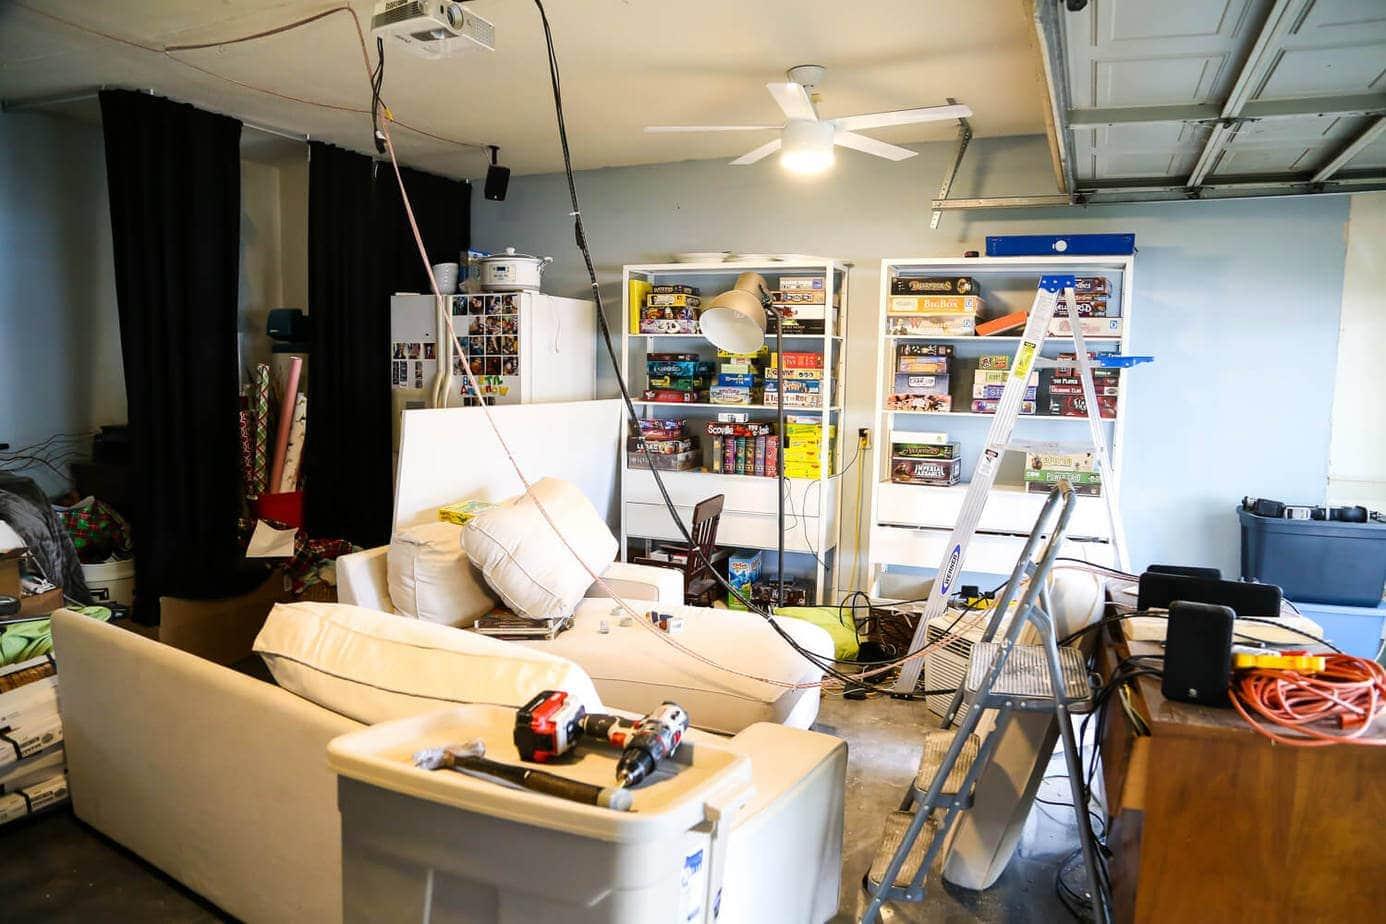 media room renovation